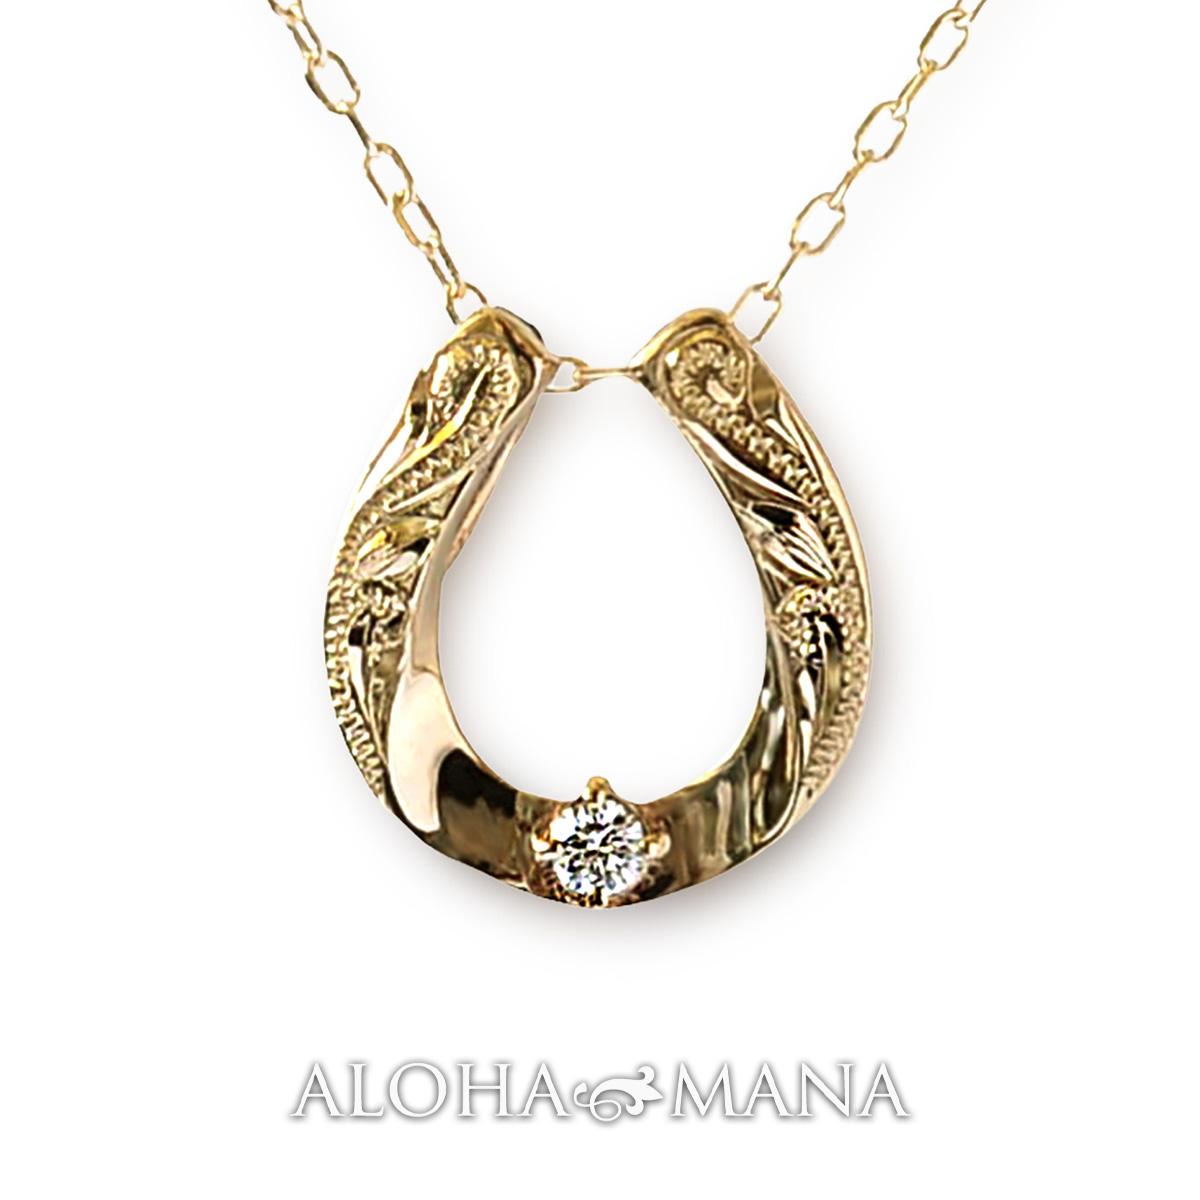 ハワイアンジュエリー ネックレス メンズ レディース K10 ゴールド 10K 金10  馬蹄 ホースシュー ペンダント forメンズ ダイヤモンド0.02ct ペンダント チェーン付き